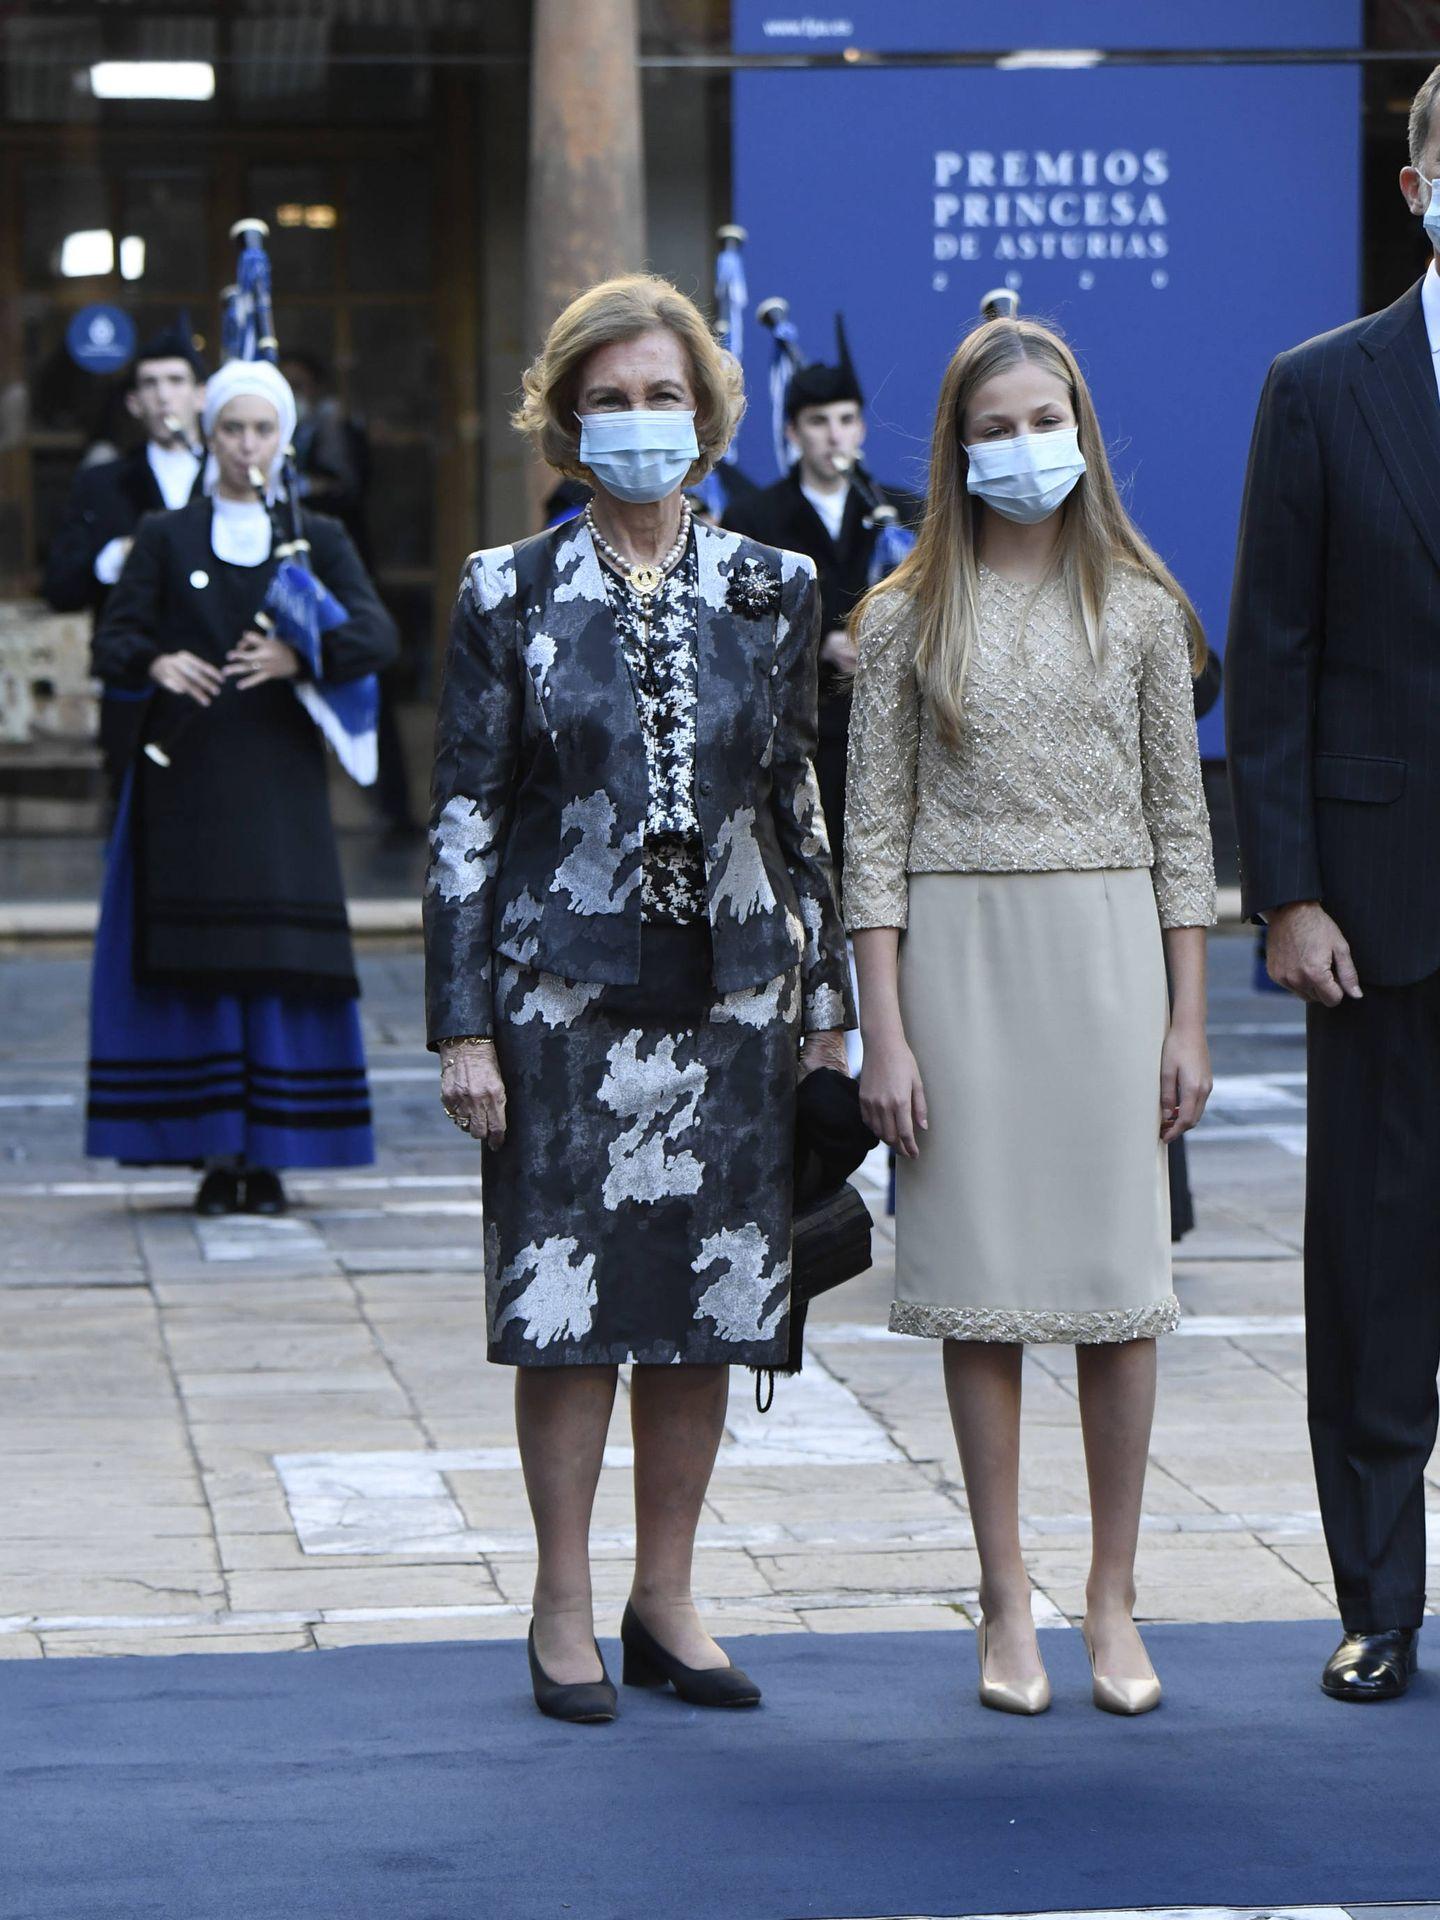 La princesa Leonor y la reina Sofía, a su llegada a la ceremonia. (Limited Pictures)